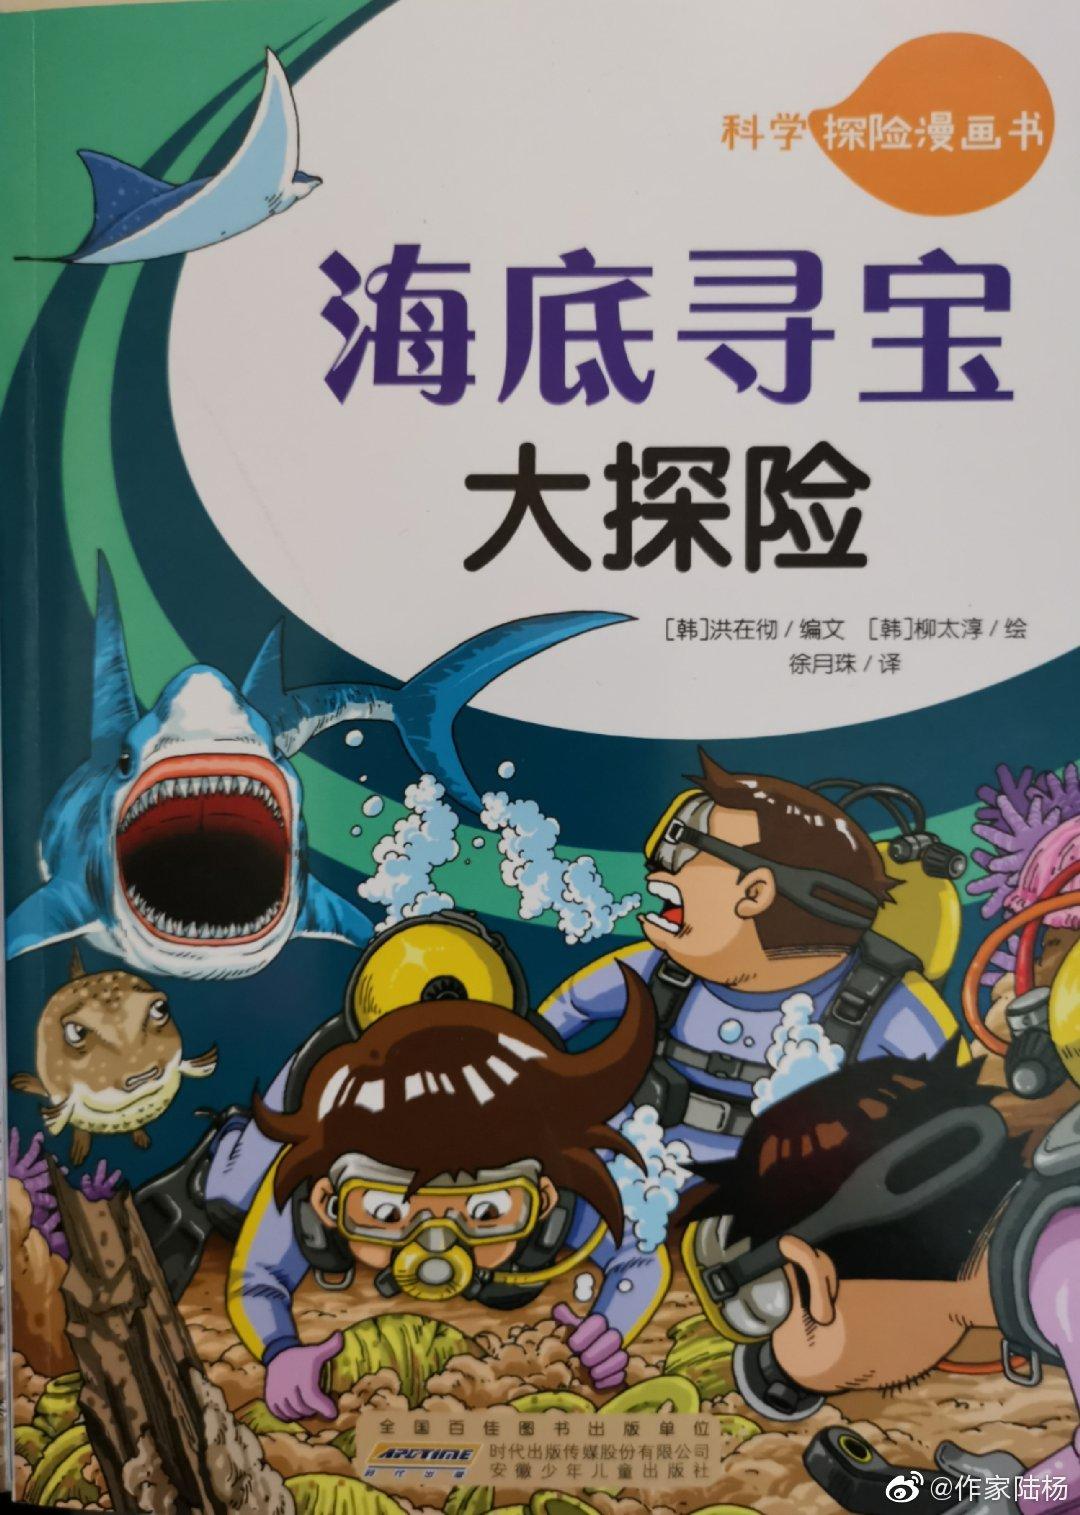 开心 作家陆杨成为《科学探险漫画书》系列的阅读推广人  好